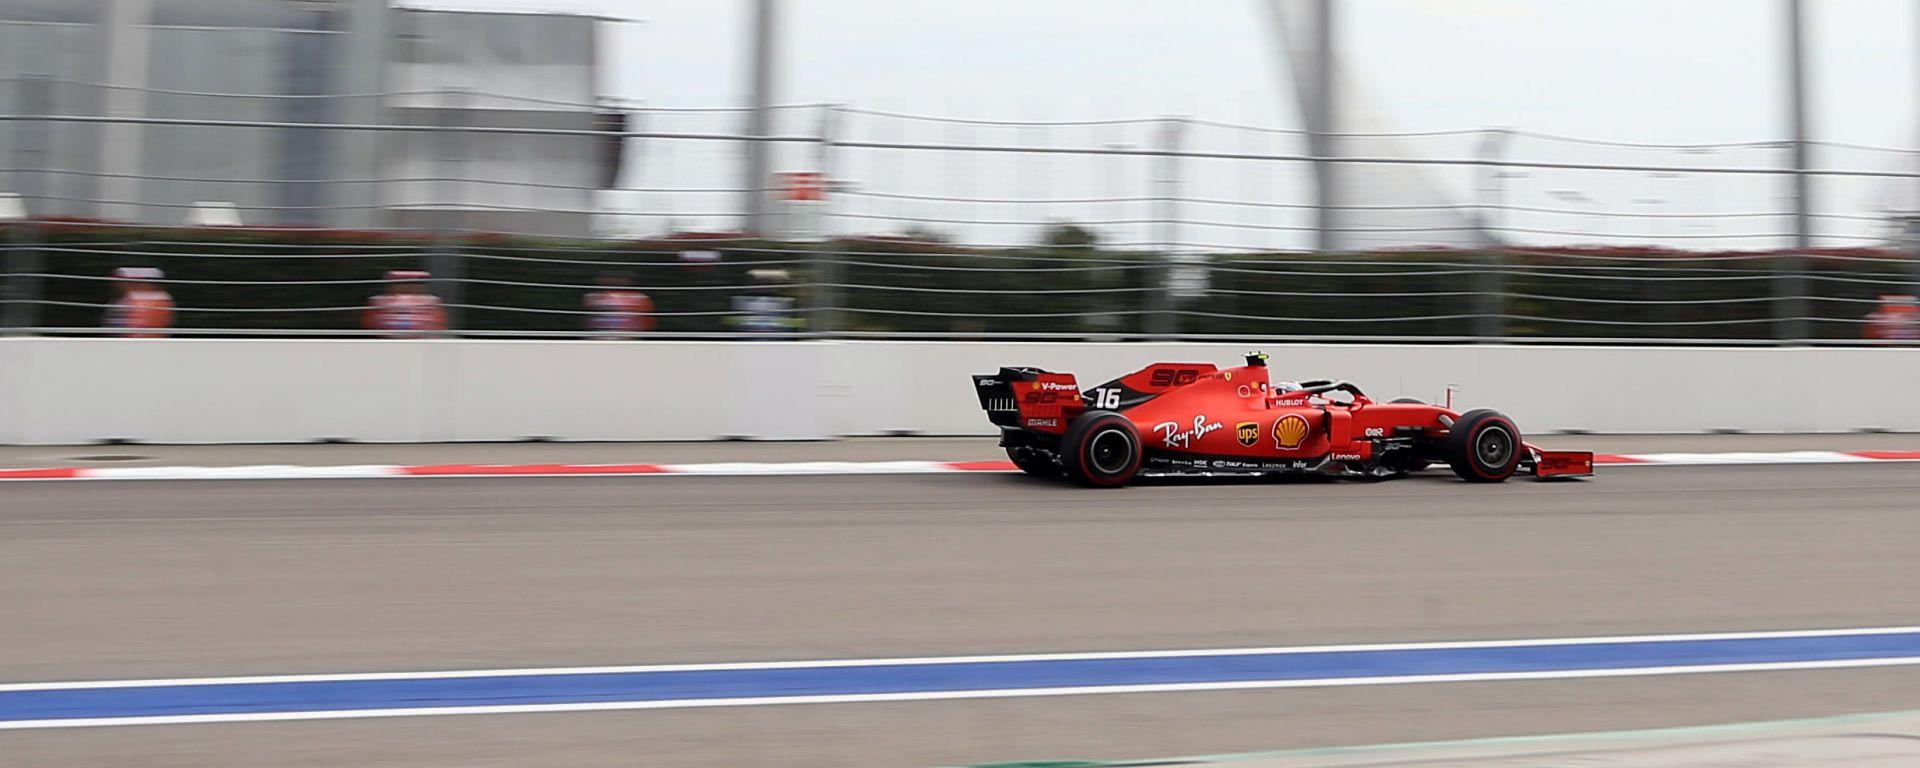 F1 GP Russia 2019, Sochi: Charles Leclerc (Ferrari) è il più veloce nelle prove libere 3